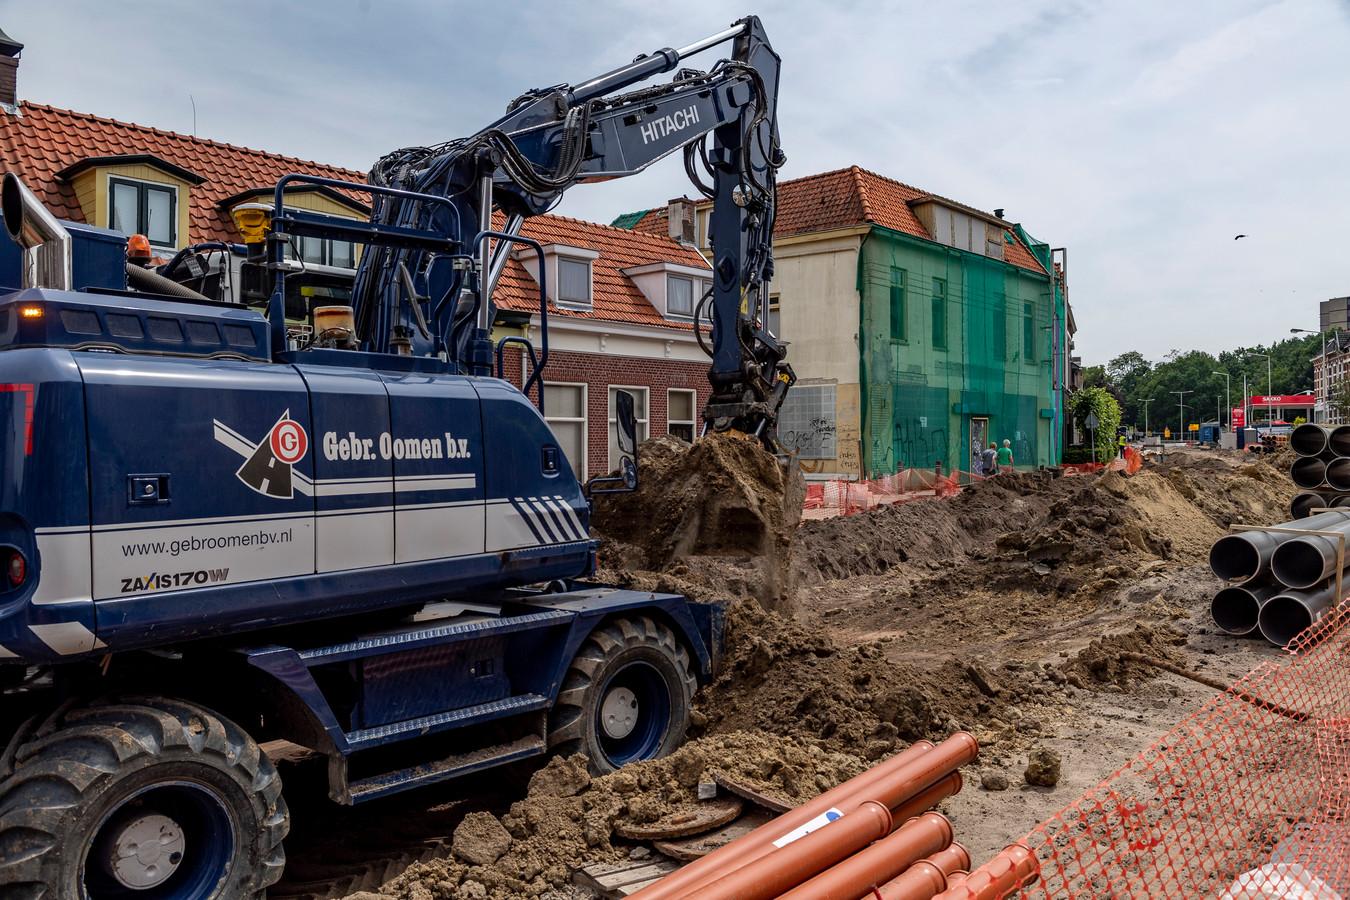 Aannemingsbedrijf Oomen wil zijn personeel niet blootstellen aan de stank die uit het slooppand aan de Halsterseweg komt.